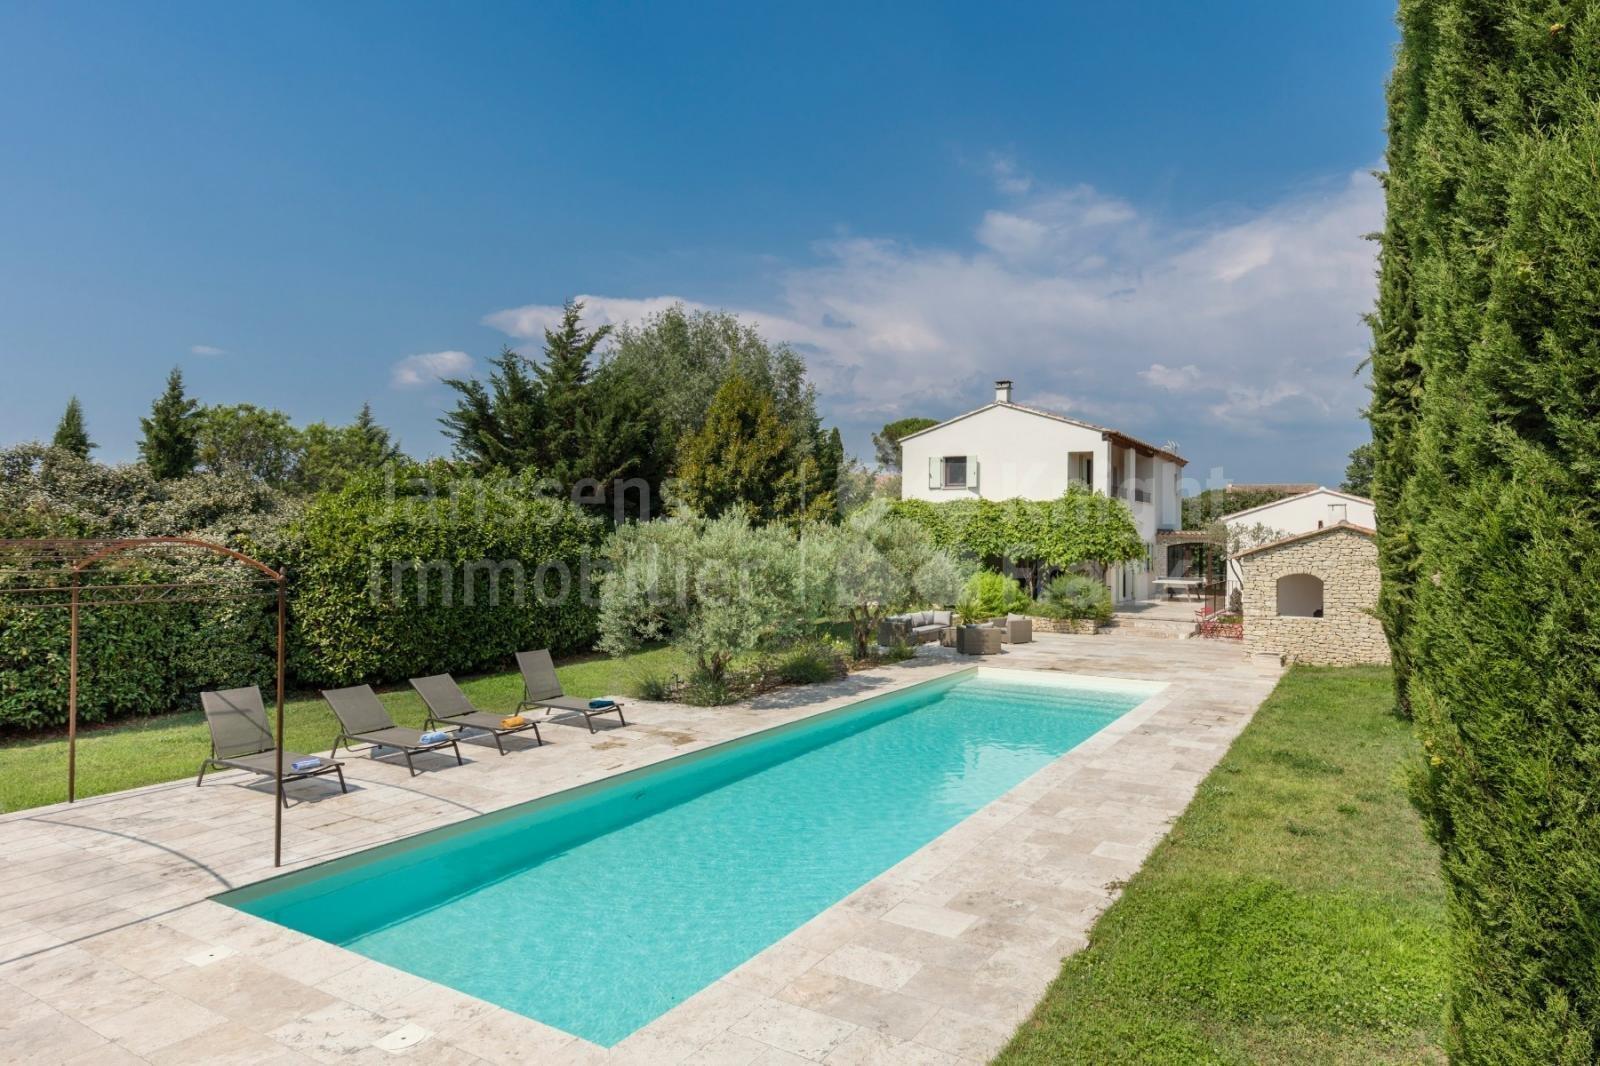 Villa in Bonnieux, Provence-Alpes-Côte d'Azur, France 1